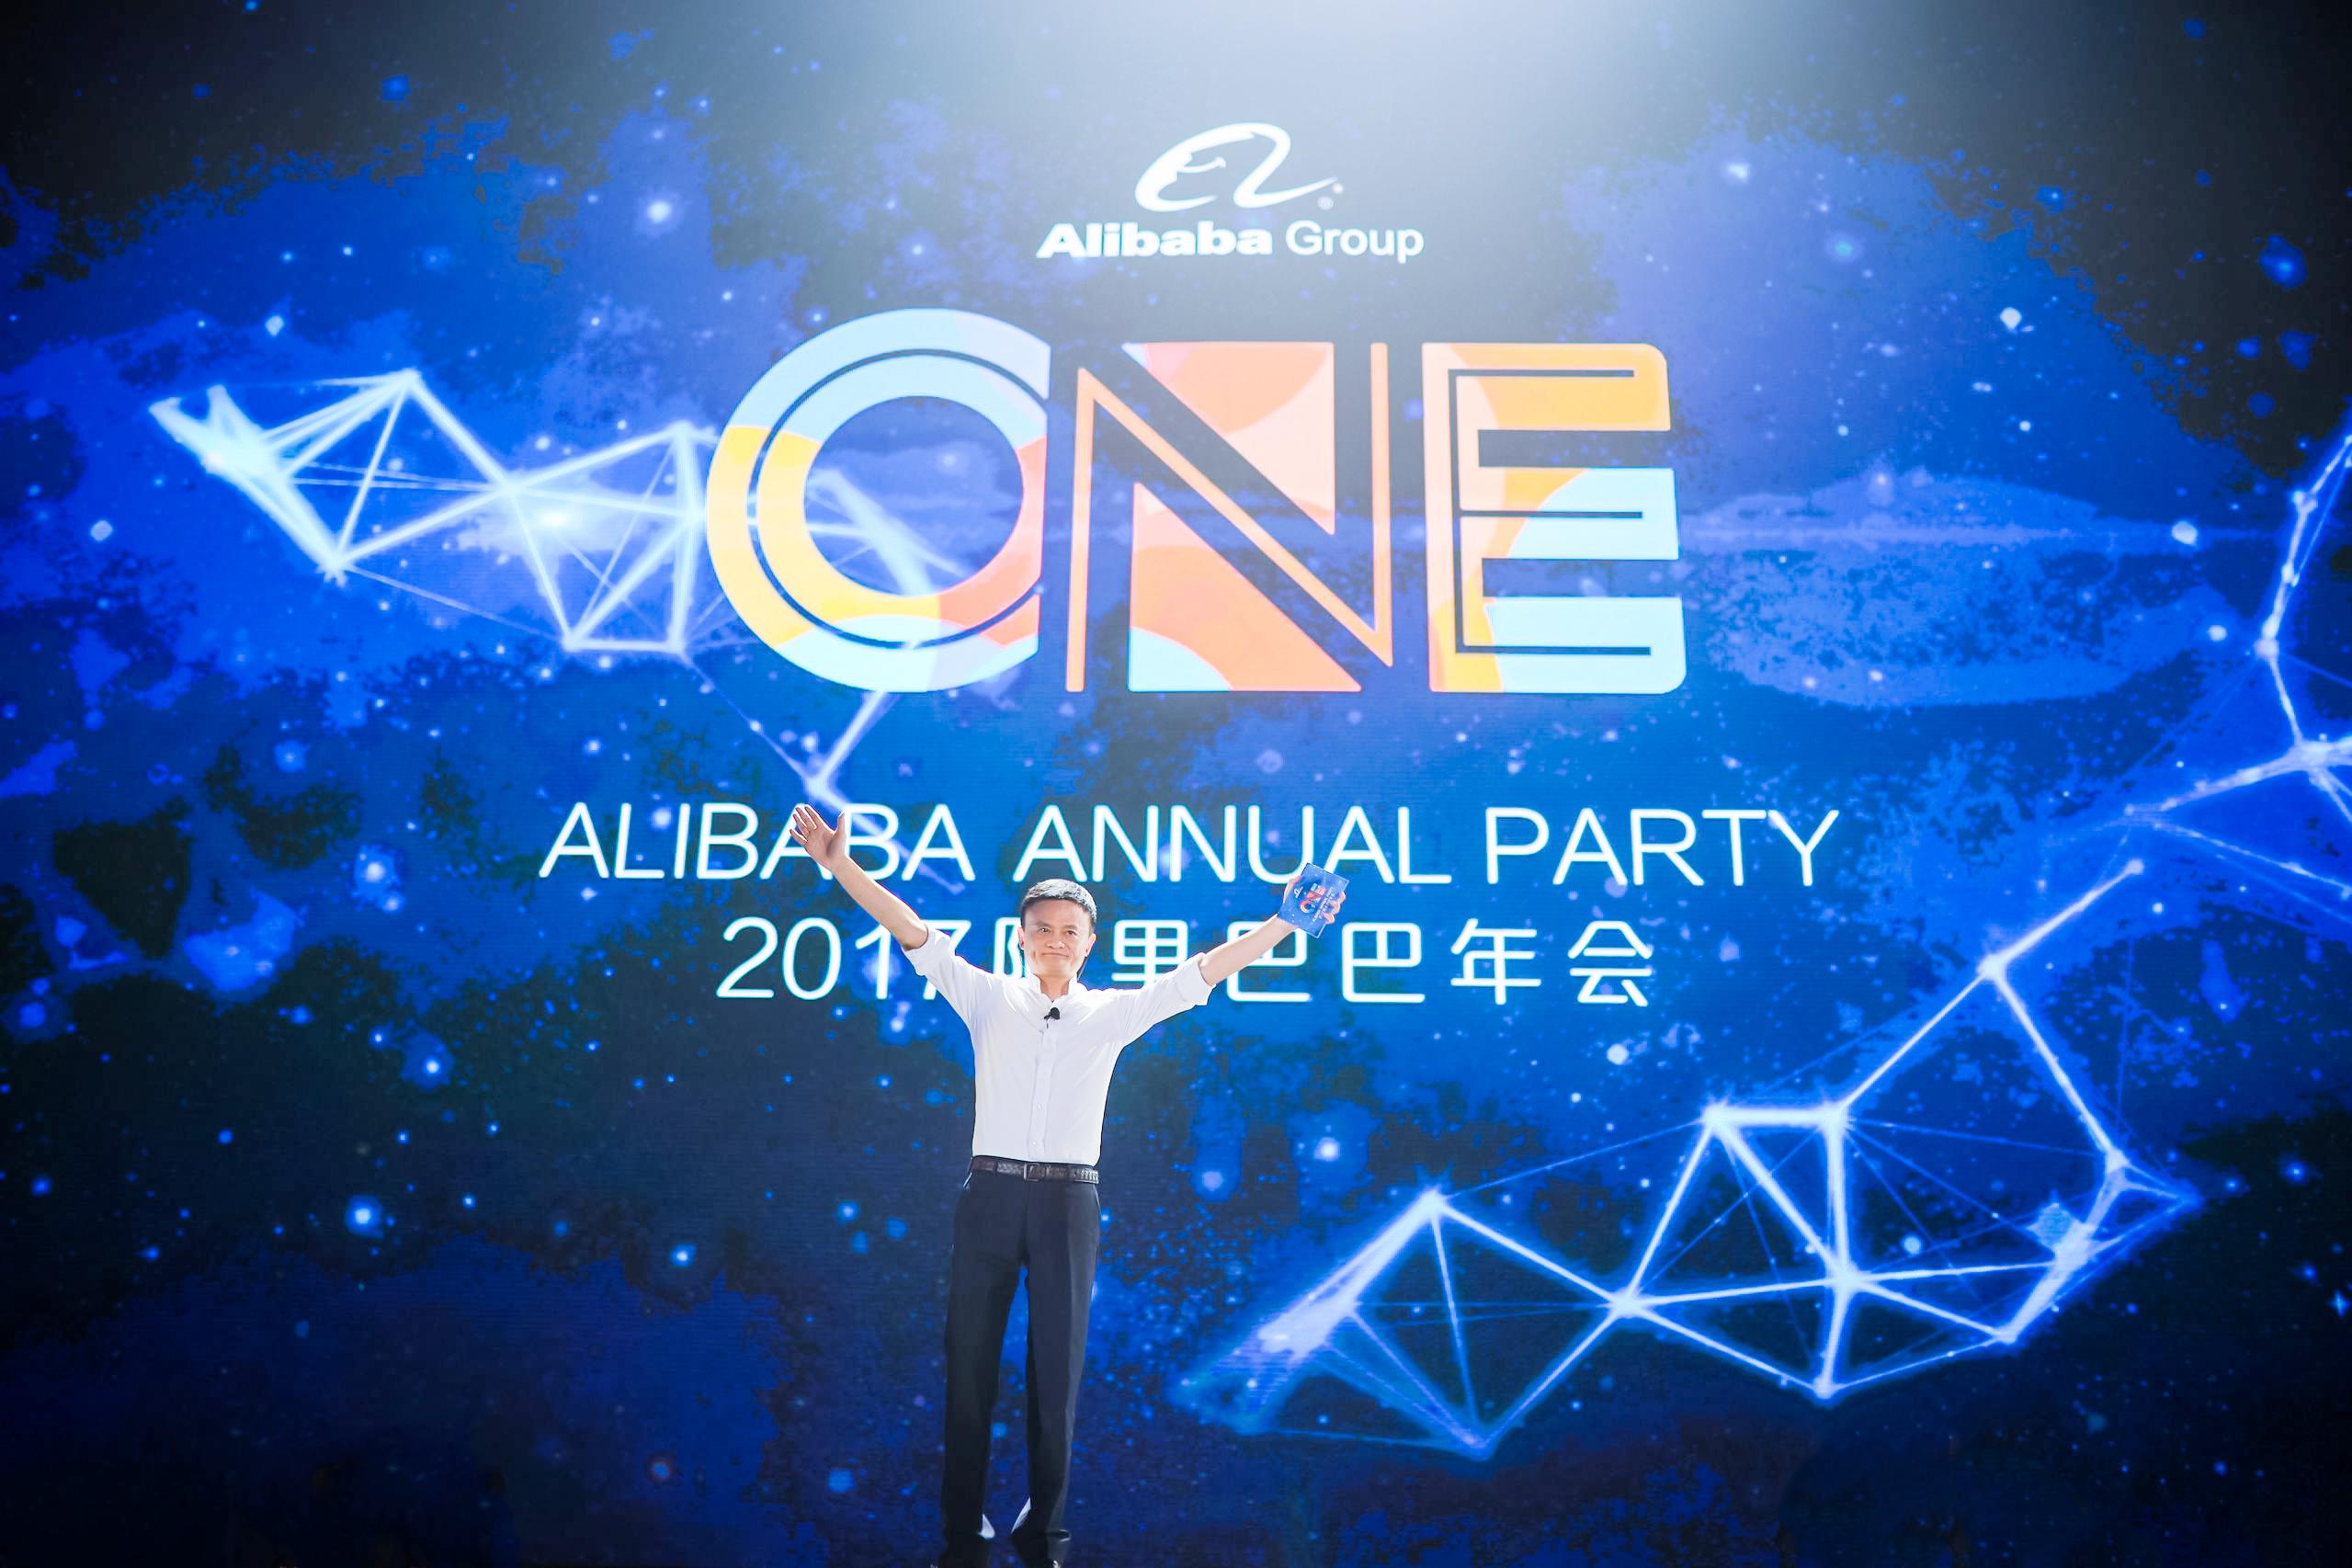 马云在教师节宣布的传承计划,正是阿里巴巴最了不起的地方